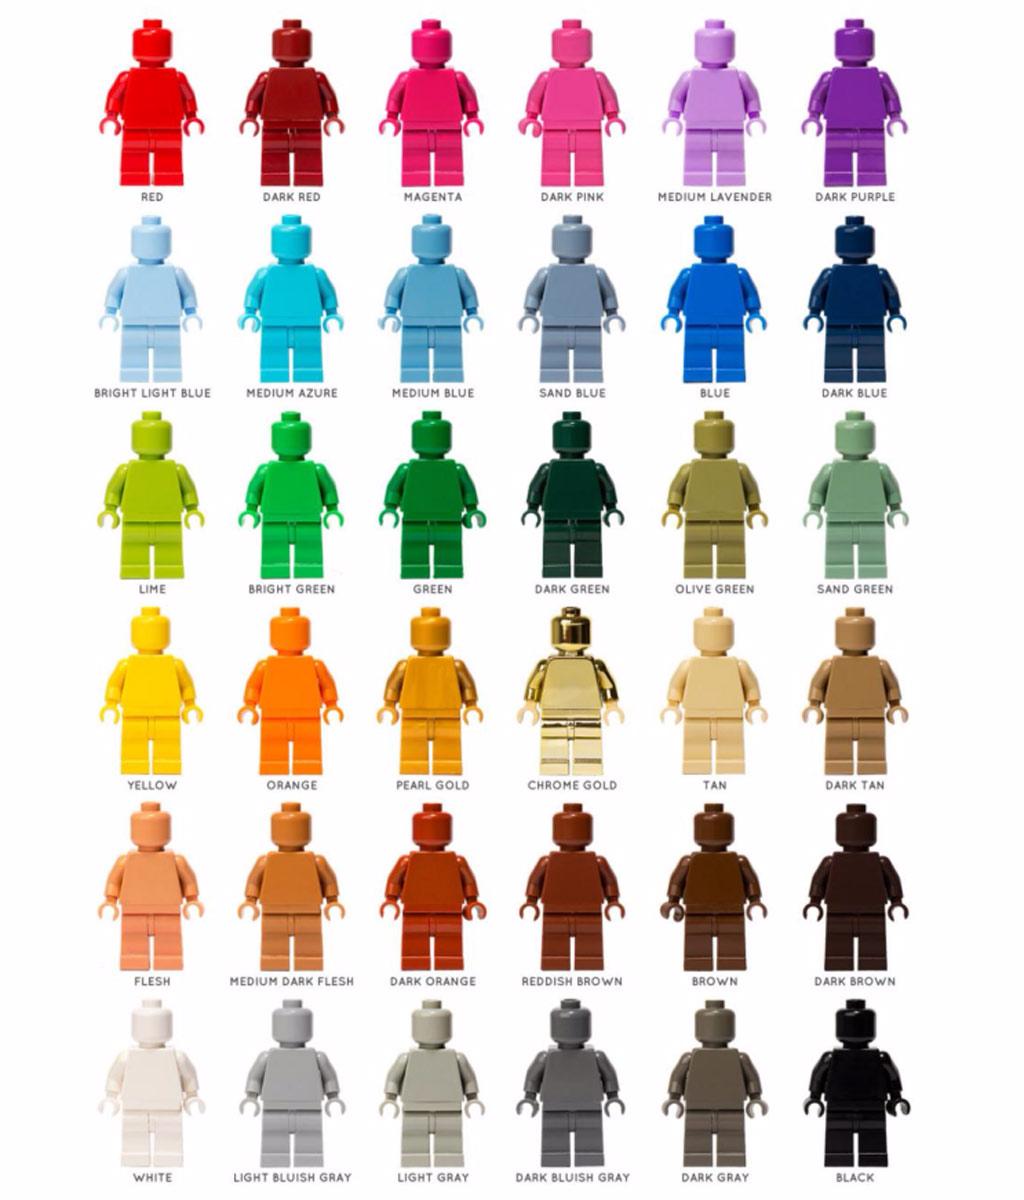 Auswahl an einfarbigen Minifiguren | © Morten Reece / monofigs.com